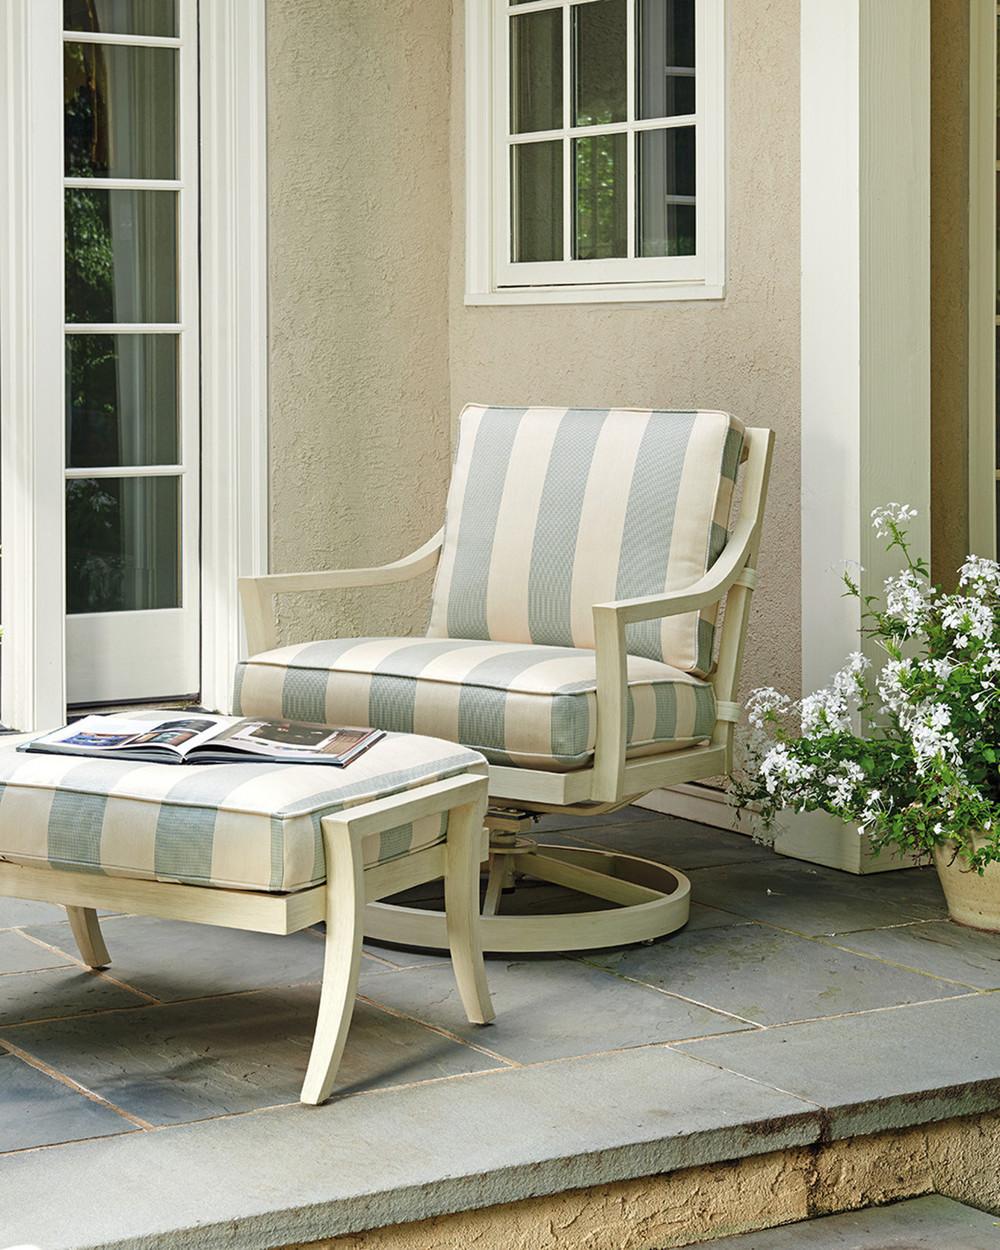 Lexington - Misty Garden Swivel Rocker Lounge Chair